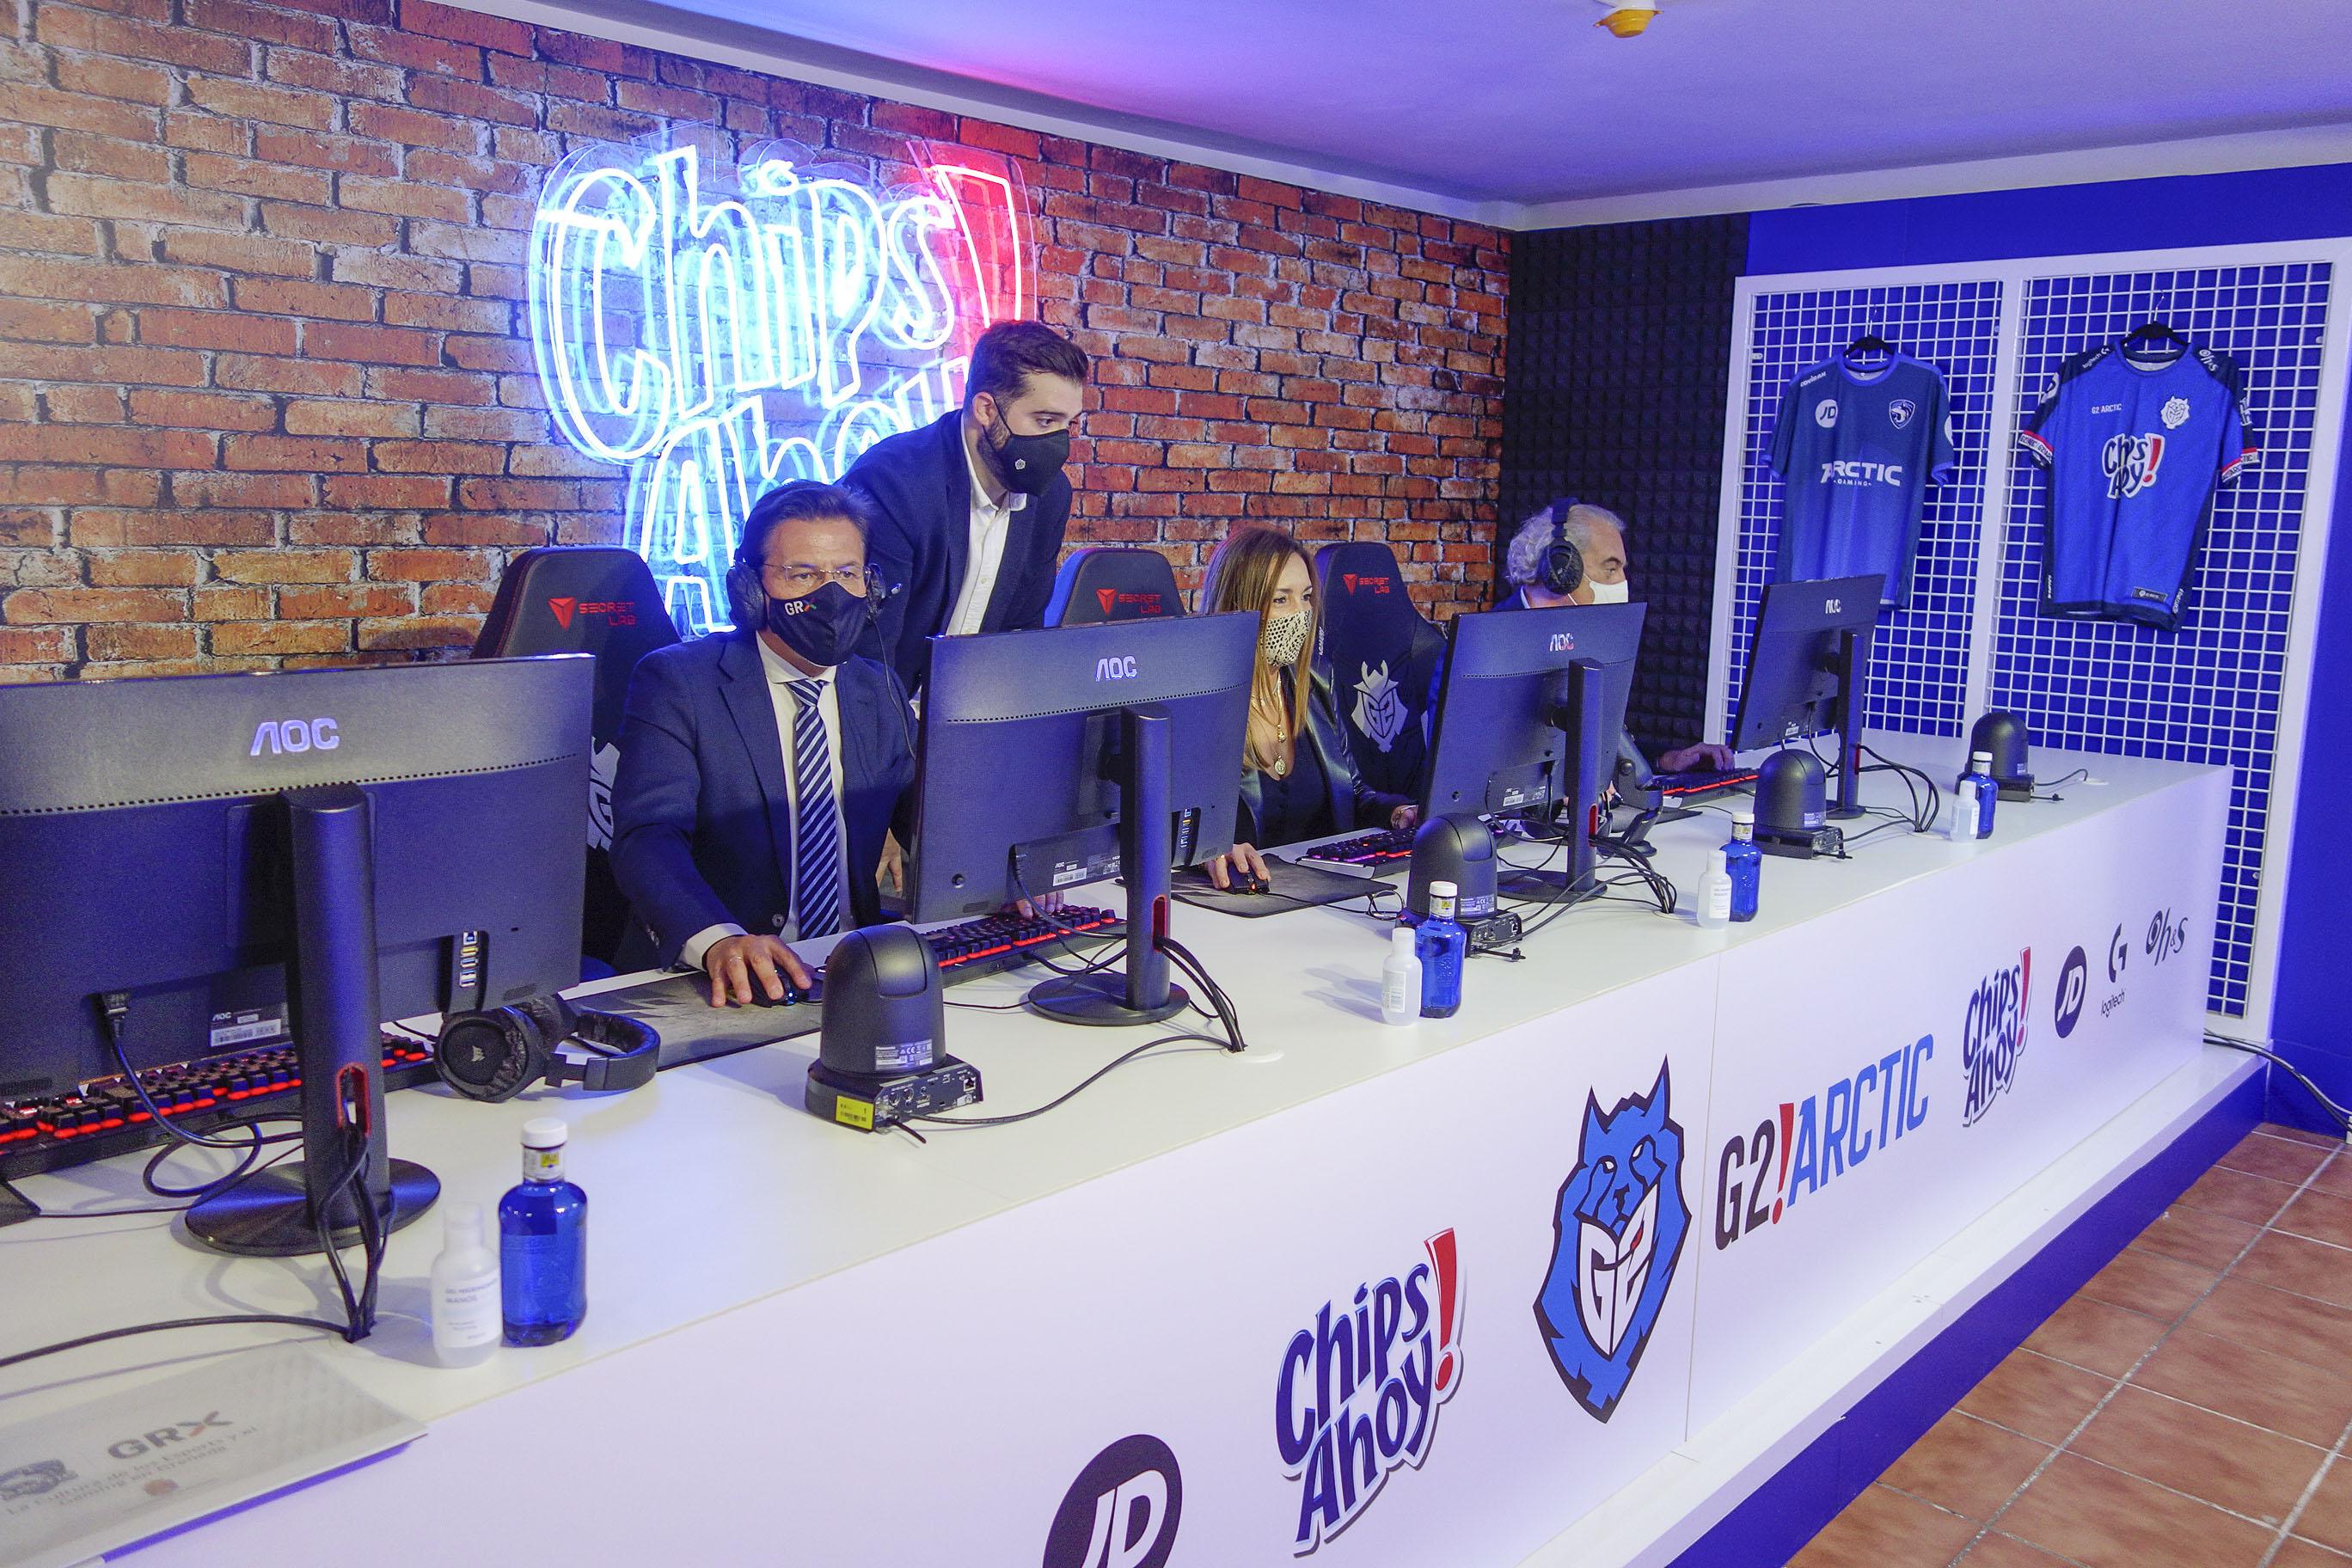 El Ayuntamiento reconoce los éxitos de Arctic Gaming, referente de los deportes electrónicos